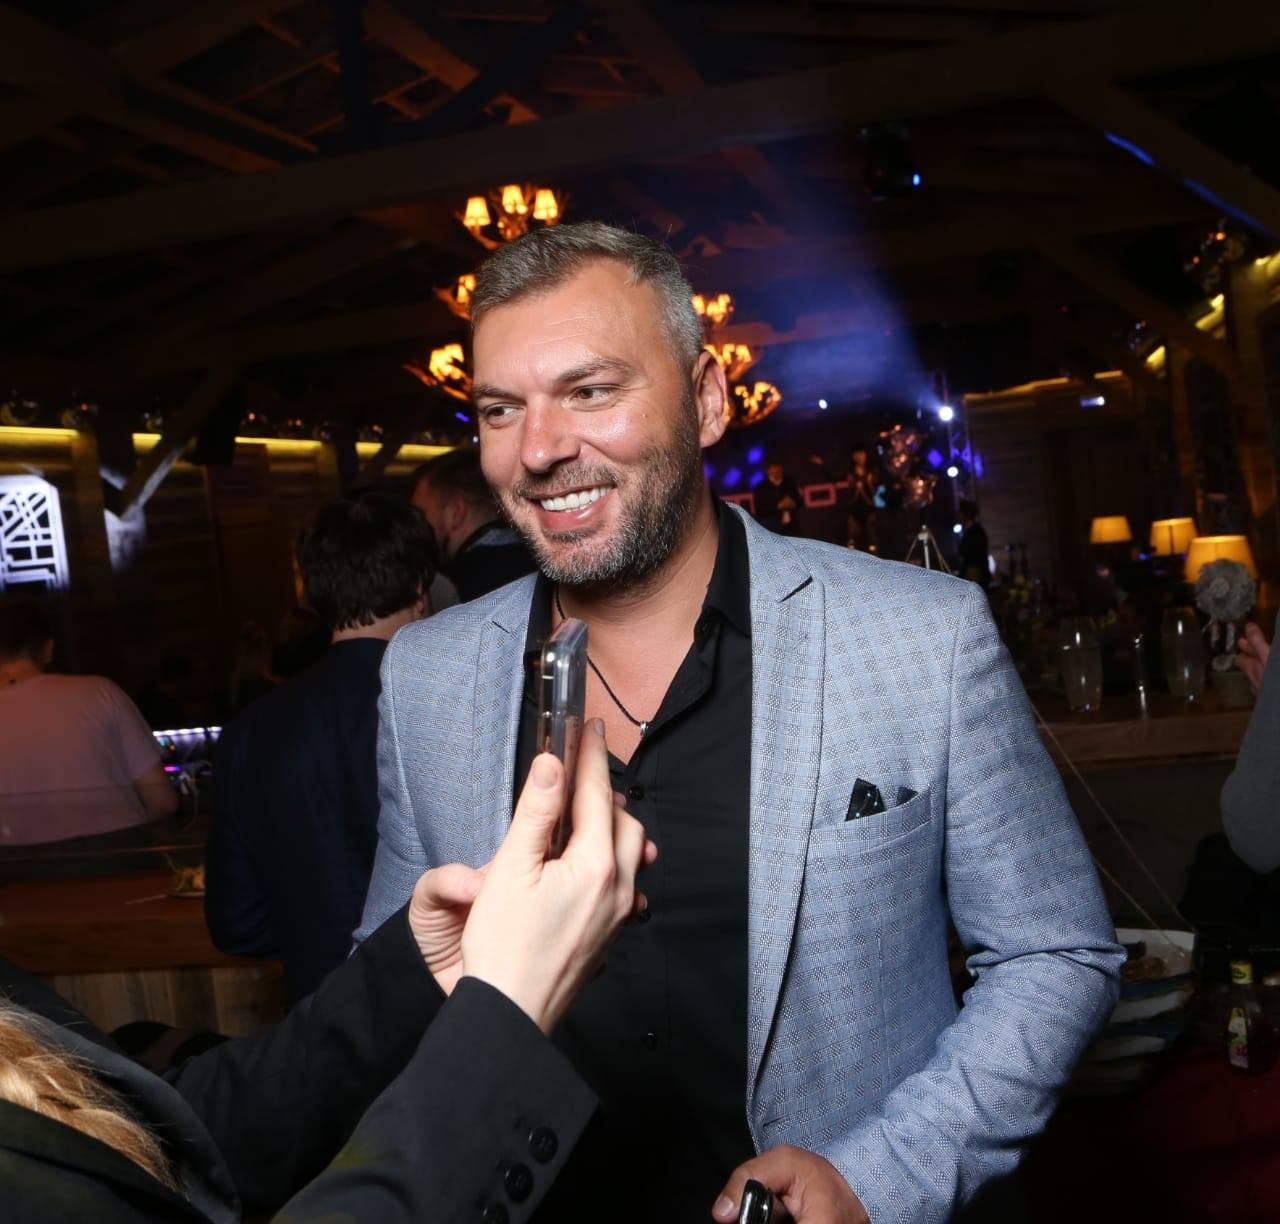 Виталий Форс - создатель бренда украшений Infinito